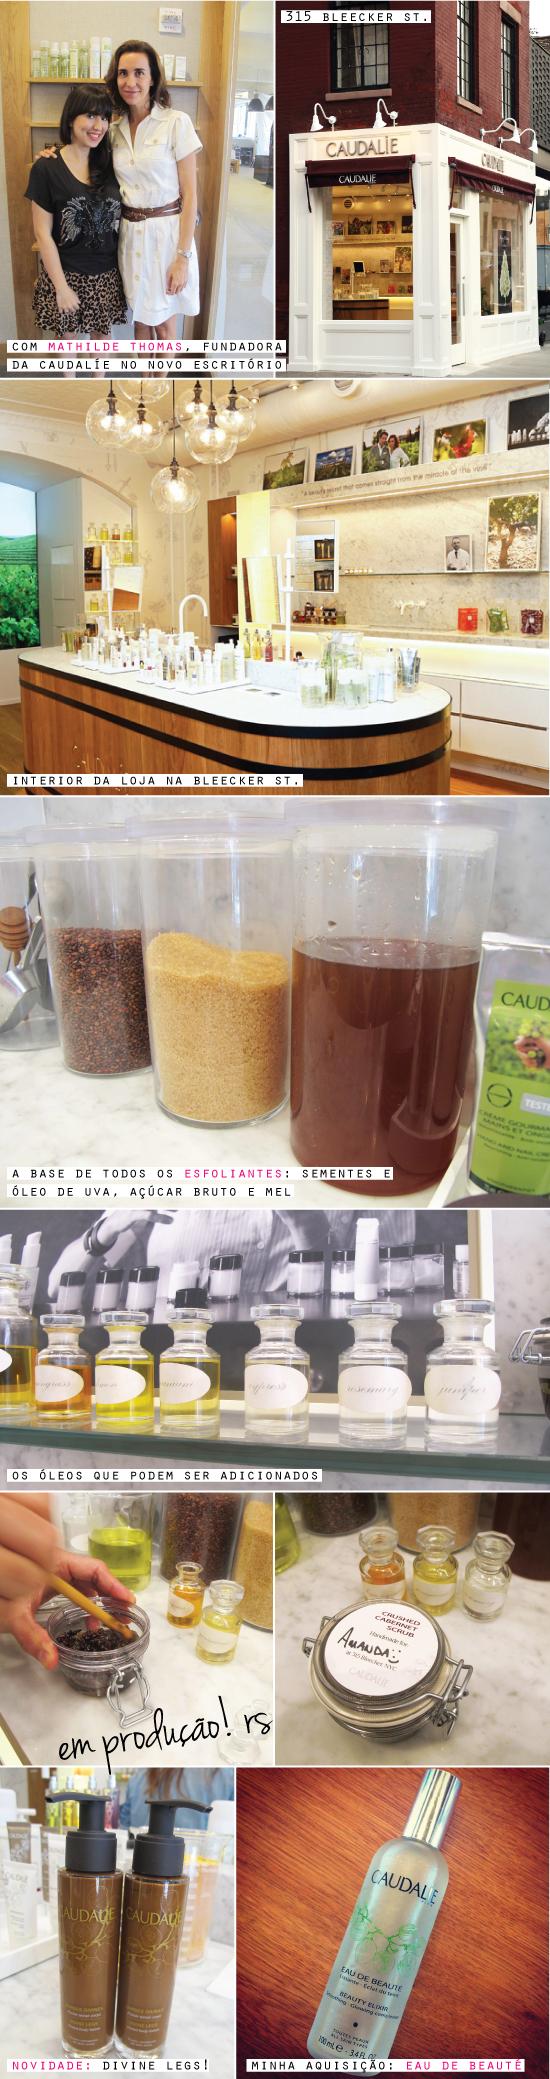 caudalie-ny-bleecker-new-york-dica-viagem-mathilde-thomas-esfoliante-scrub-eau-de-beaute-produto-cosmeticos-uva